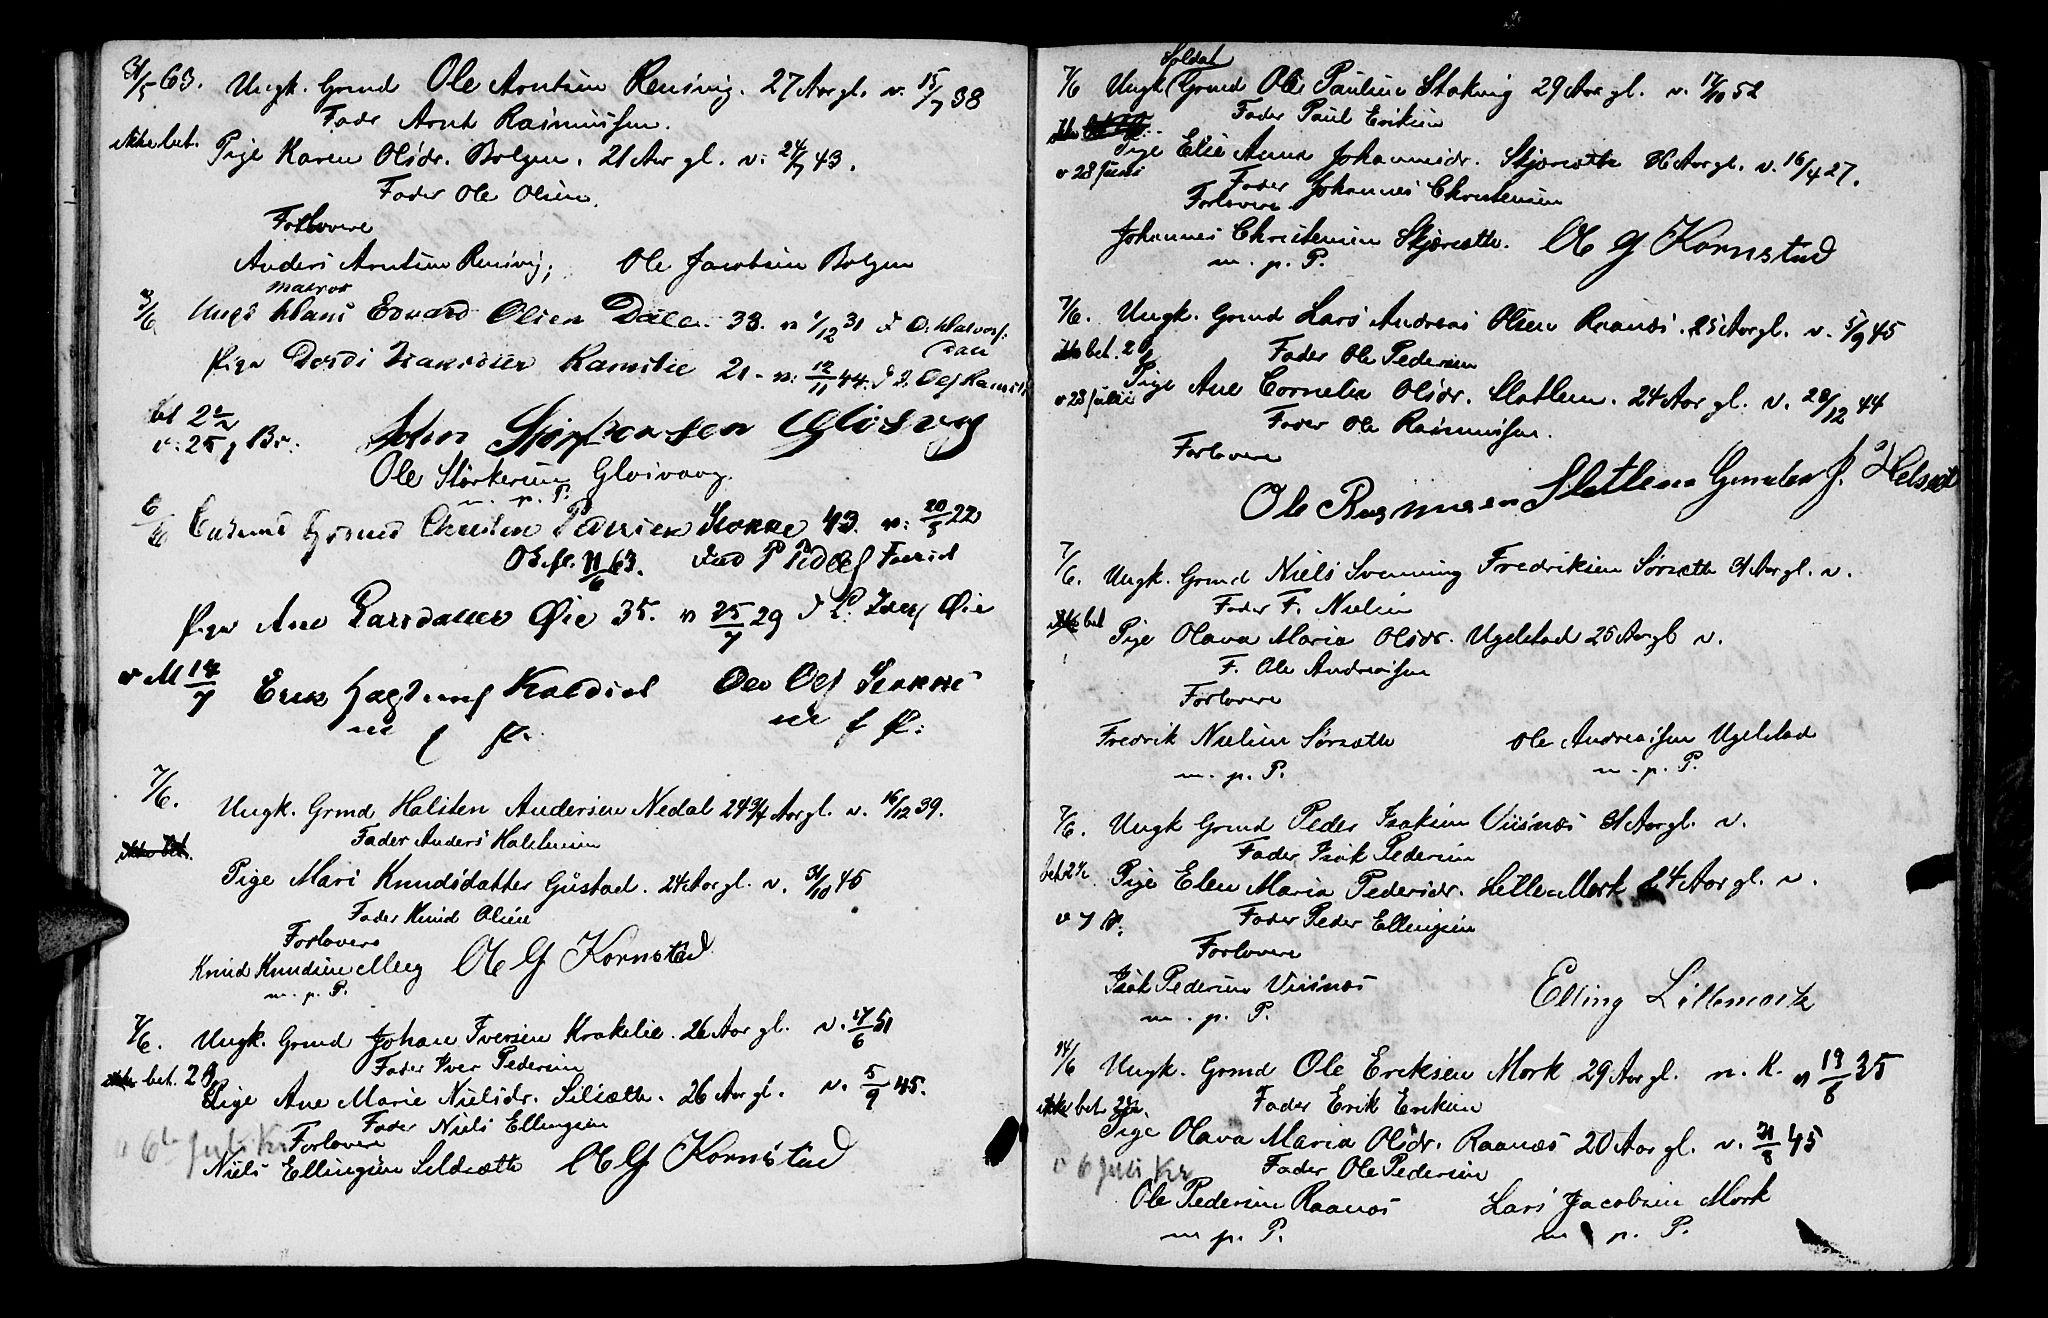 SAT, Ministerialprotokoller, klokkerbøker og fødselsregistre - Møre og Romsdal, 568/L0796: Ministerialbok nr. 568A05, 1845-1871